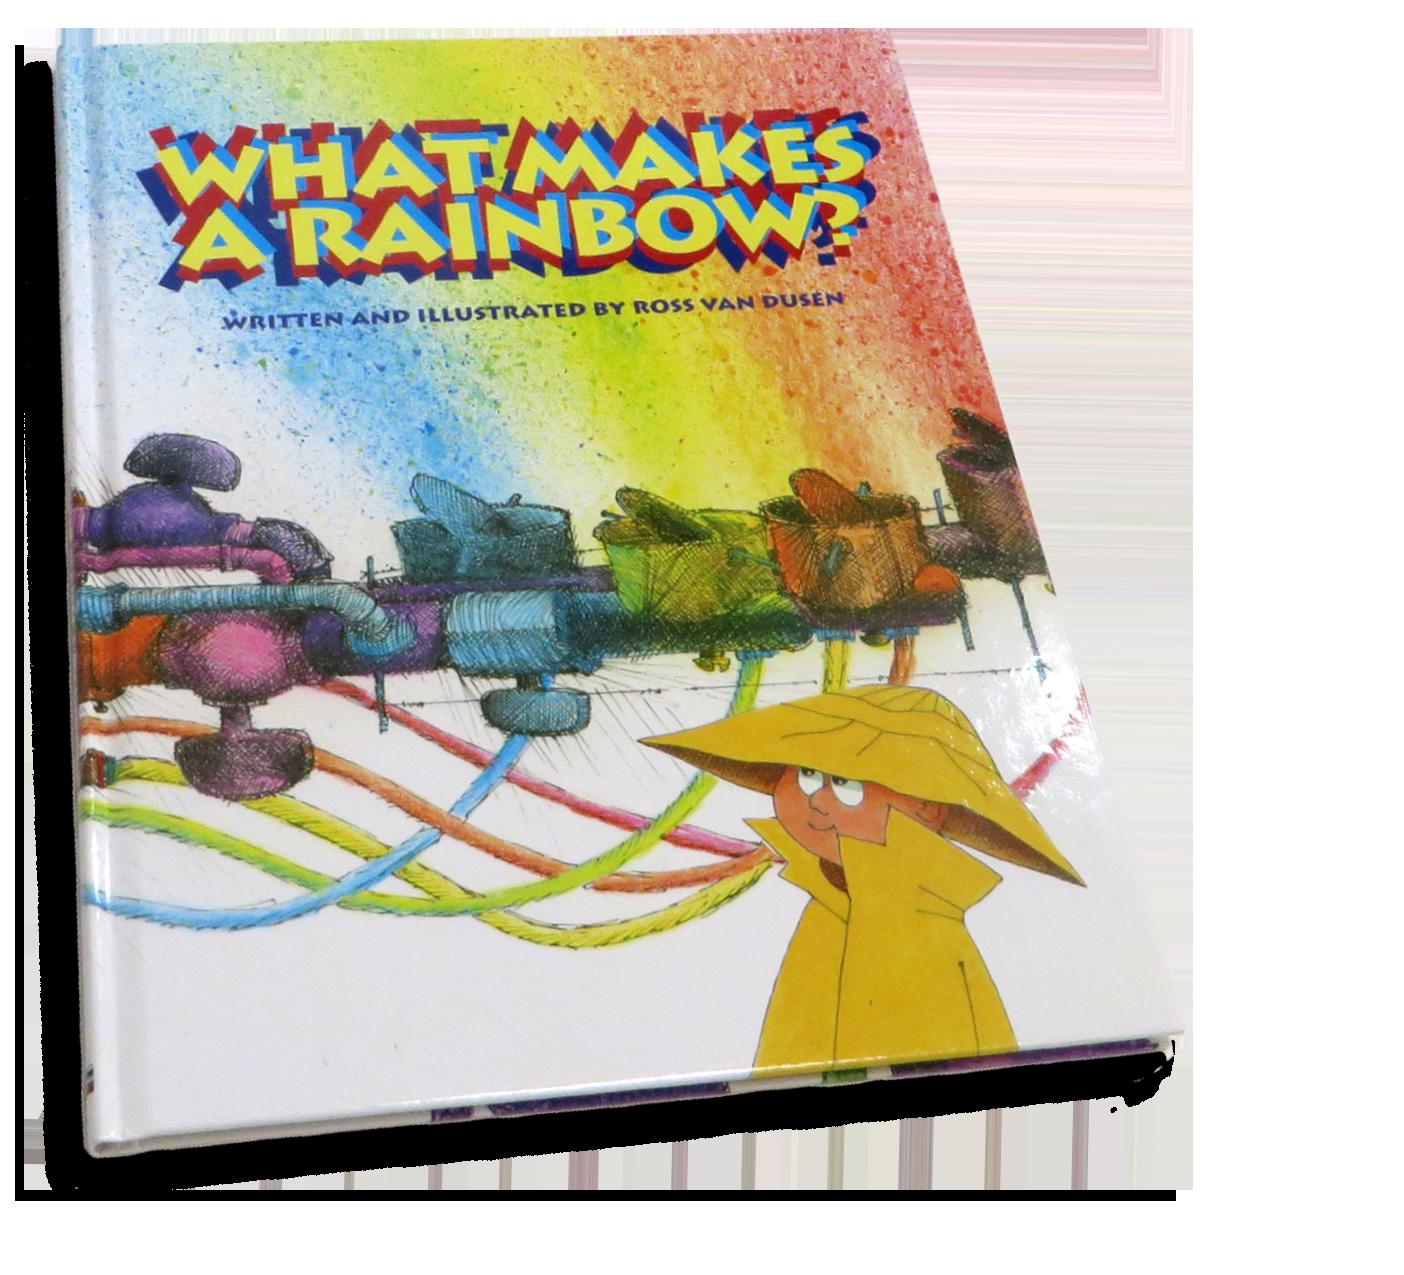 Ross Van Dusen Childrens Books